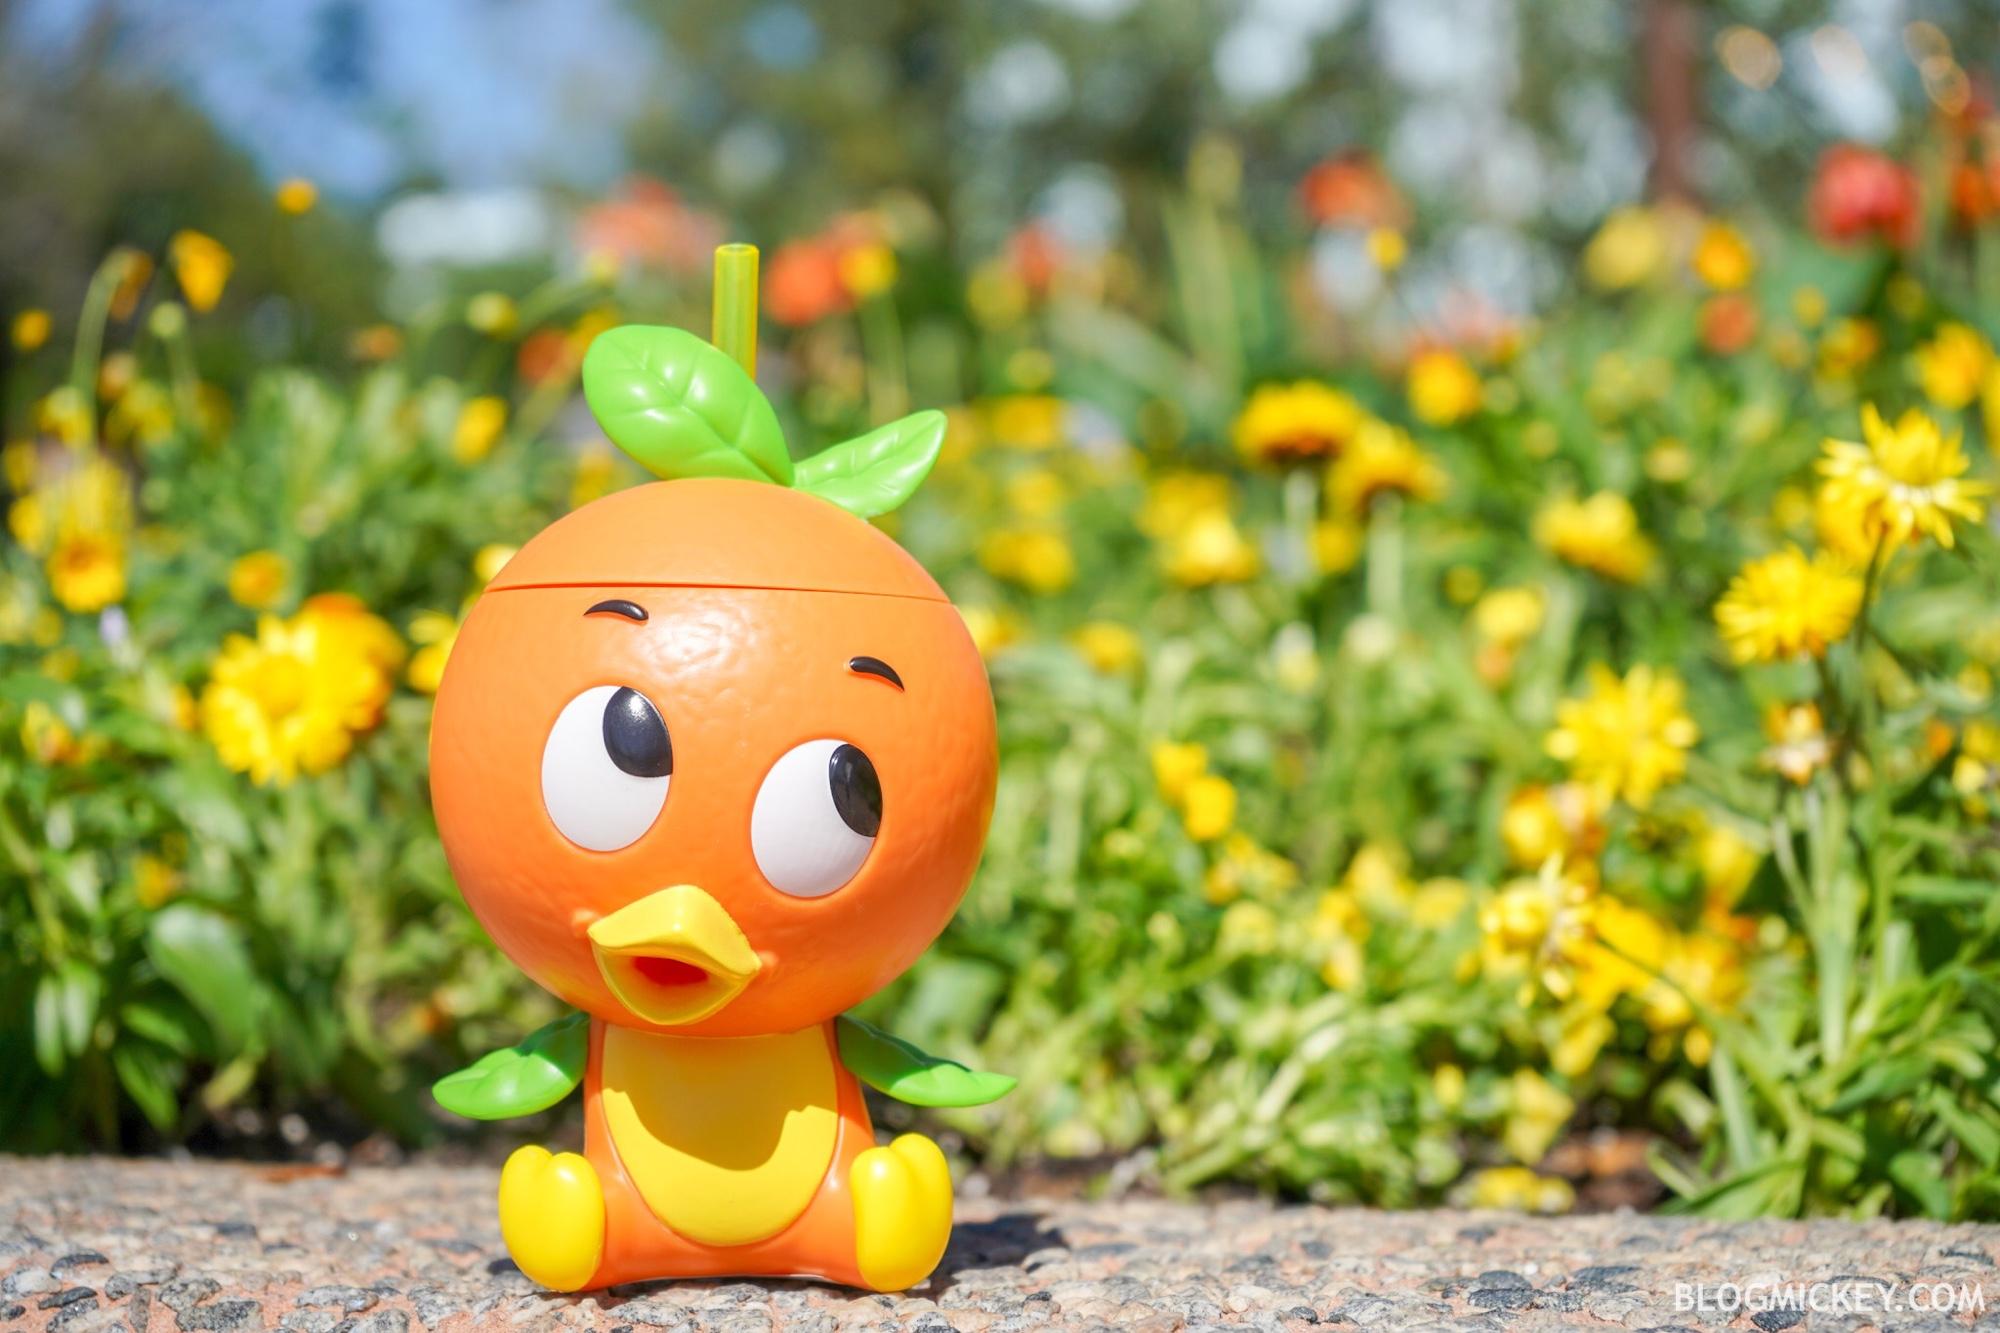 photos: orange bird sipper debuts at 2019 epcot flower and garden